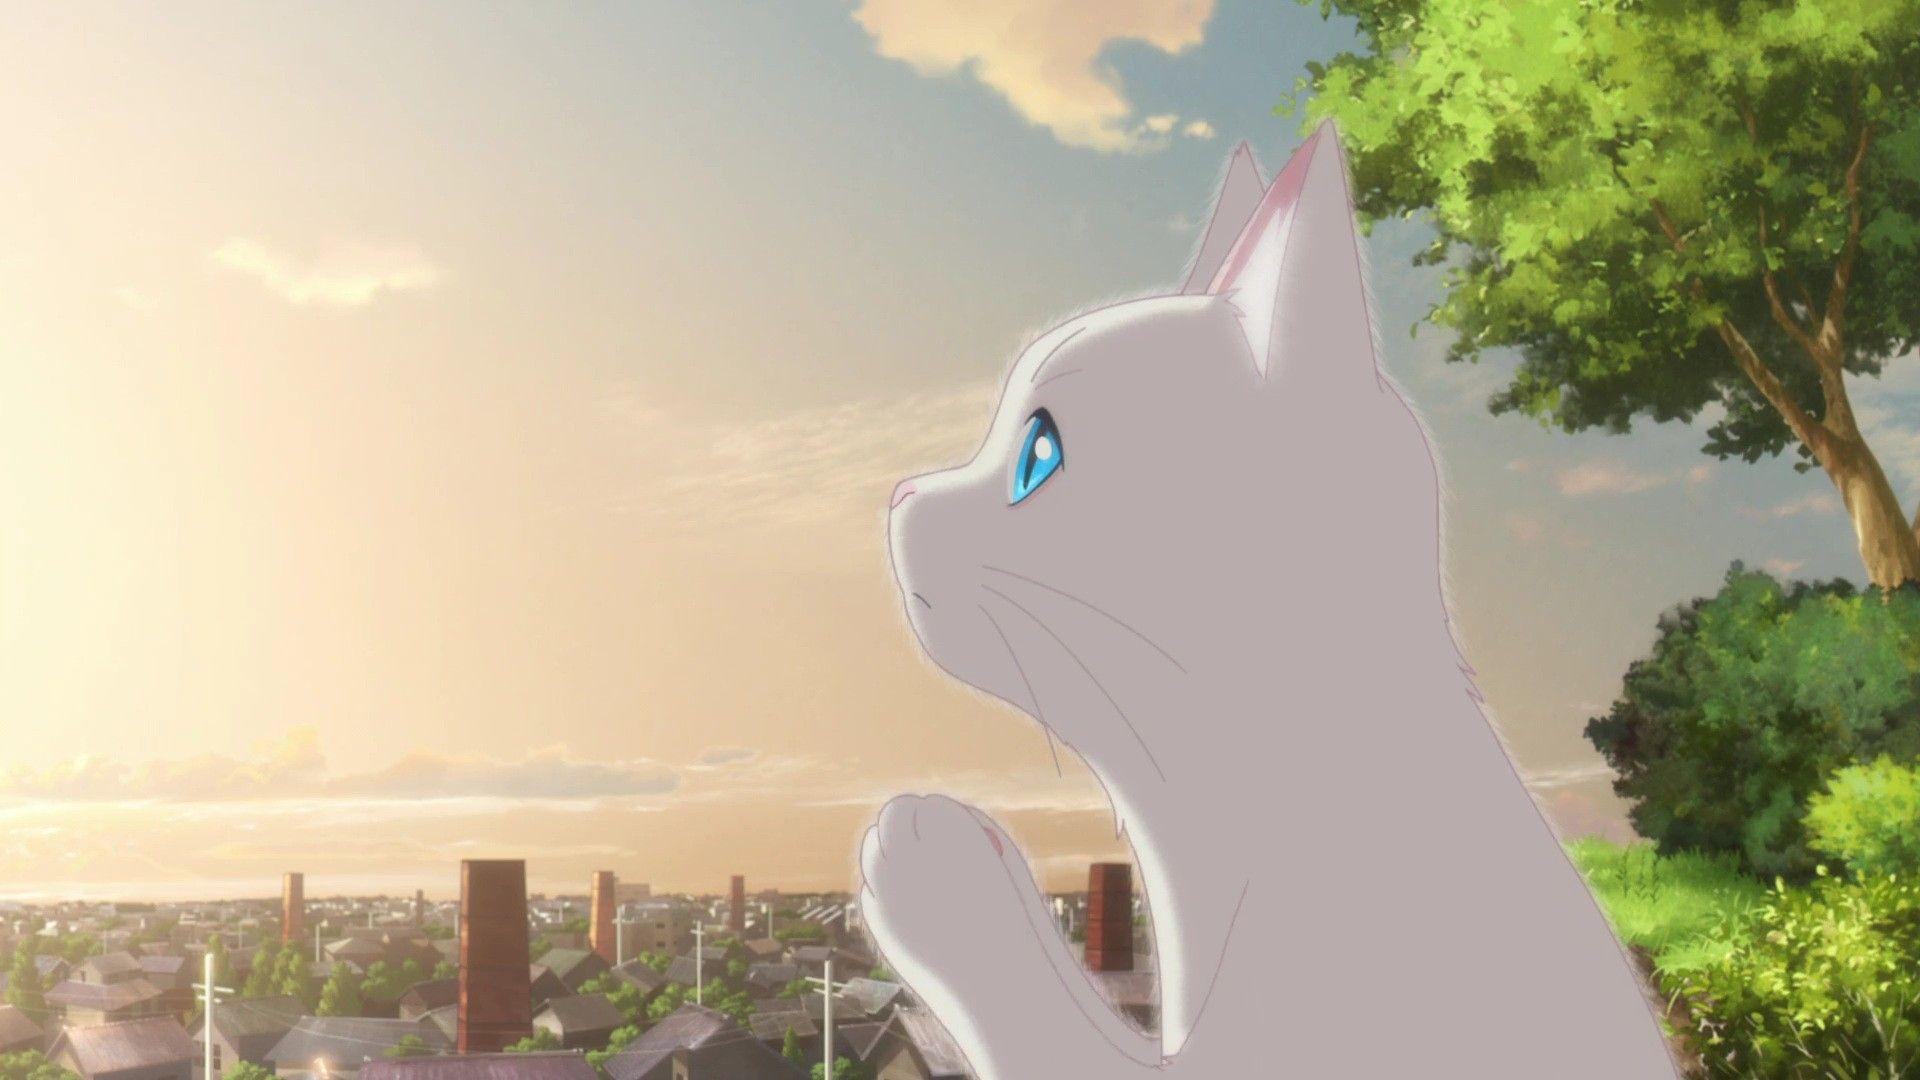 Pin on Anime Movies